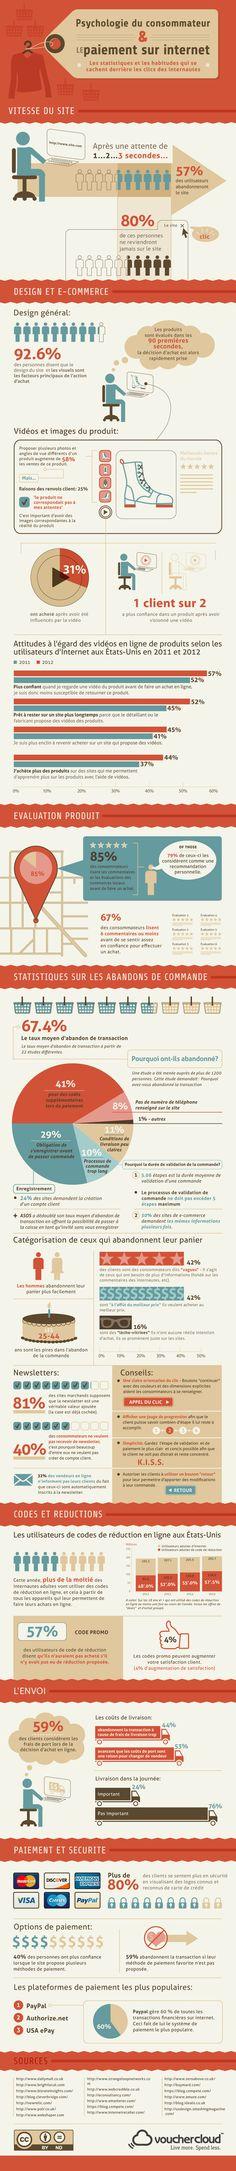 Psychologie du consommateur et paiement sur internet - VoucherCloud